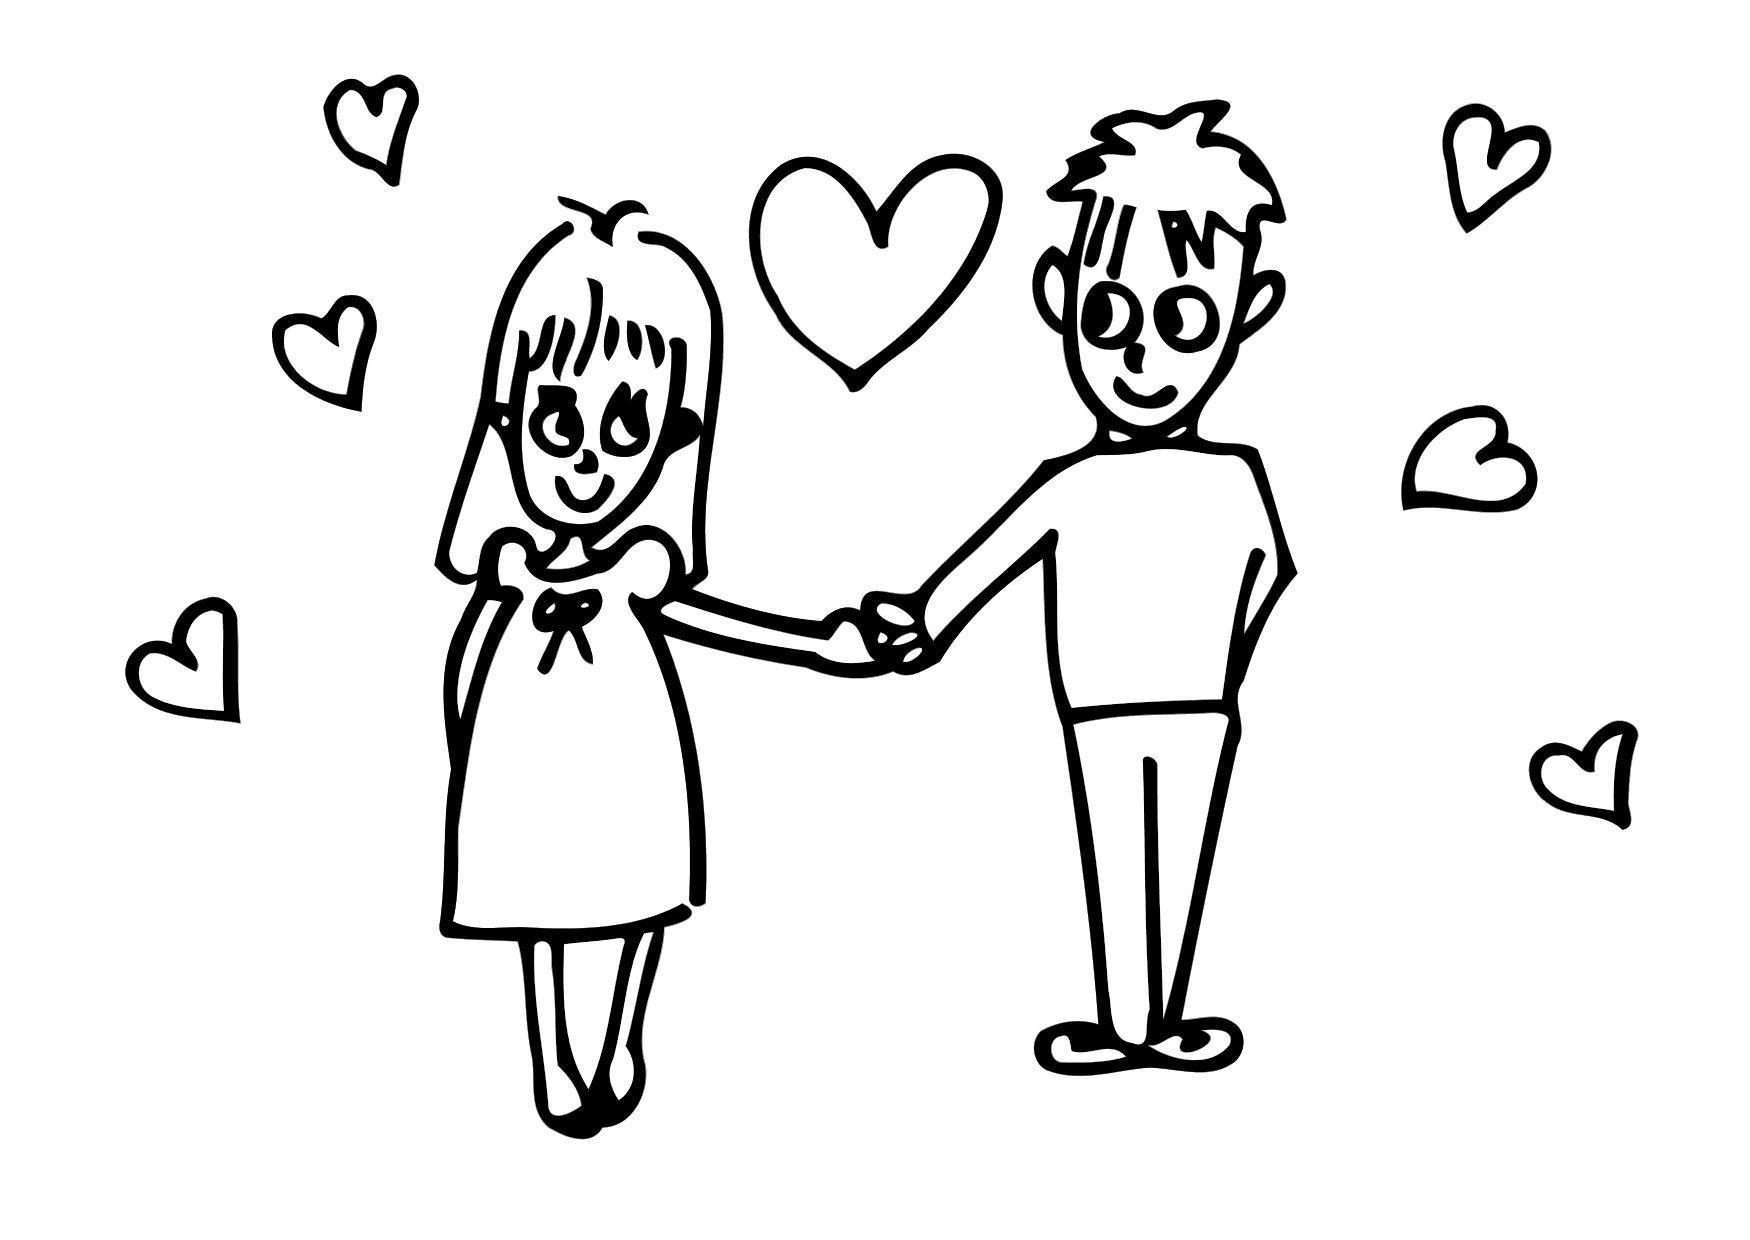 Марина картинки, черно белые картинки любовь для распечатки